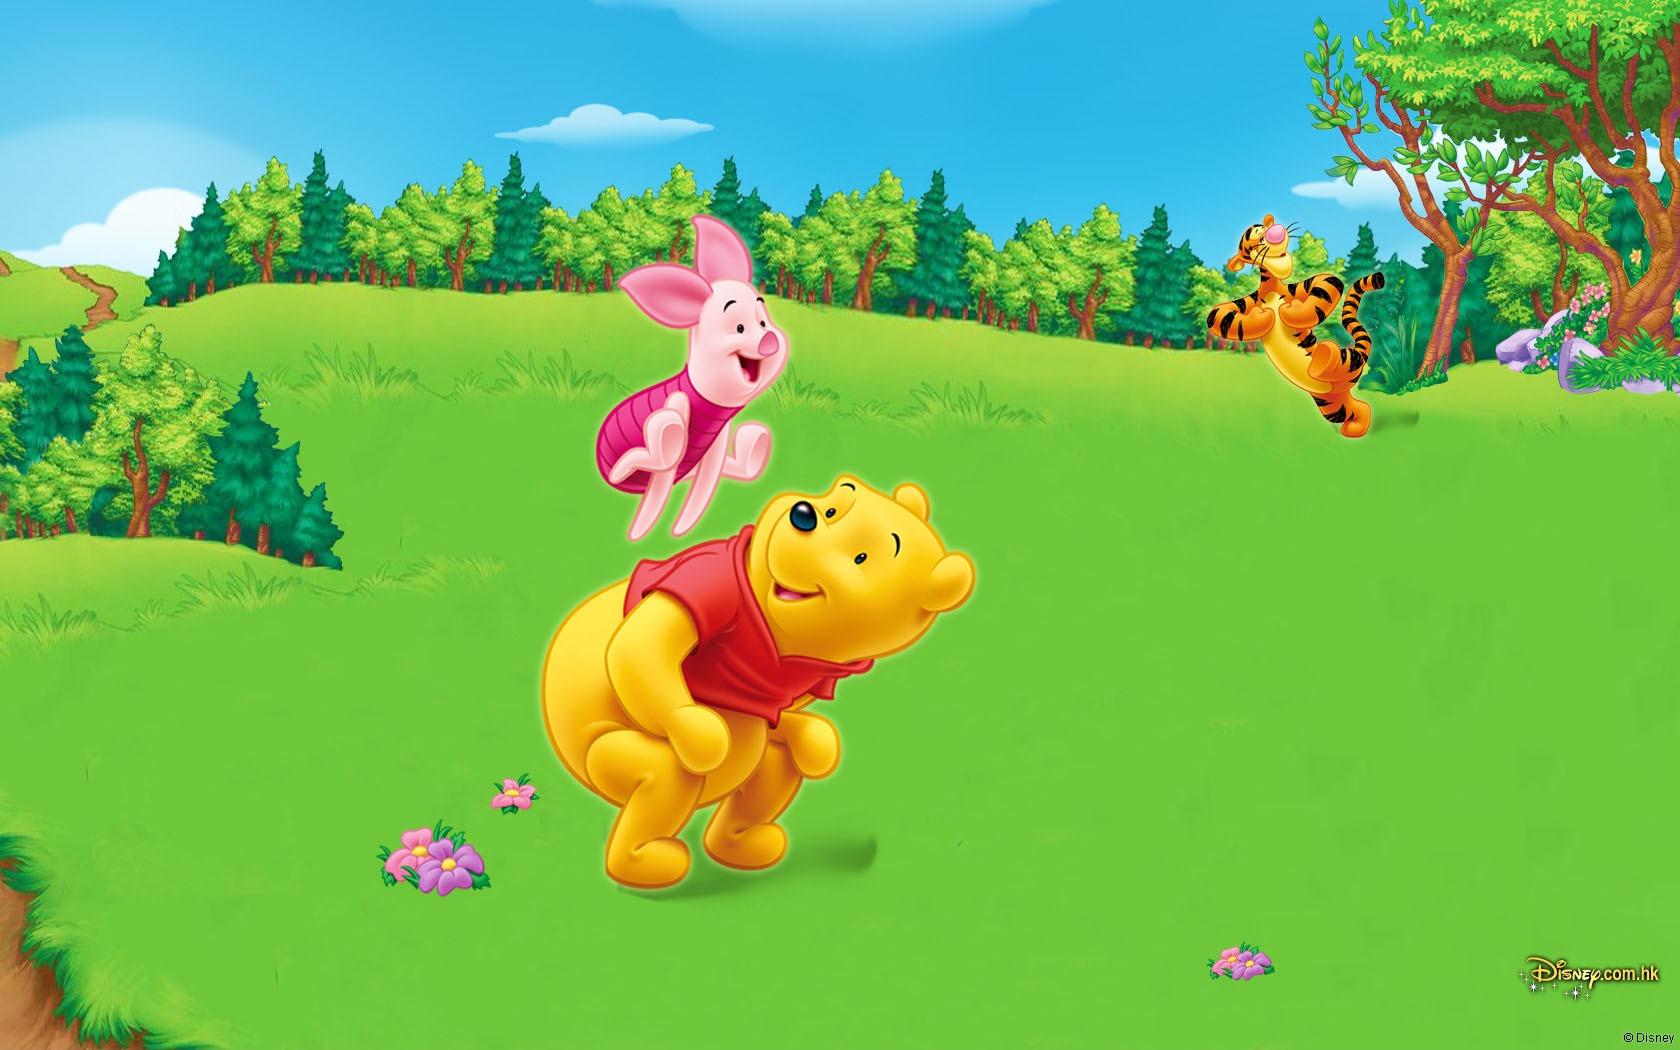 Winnie the Pooh Wallpaper HD Wallpaper Winnie the Pooh Wallpaper 23 1680x1050